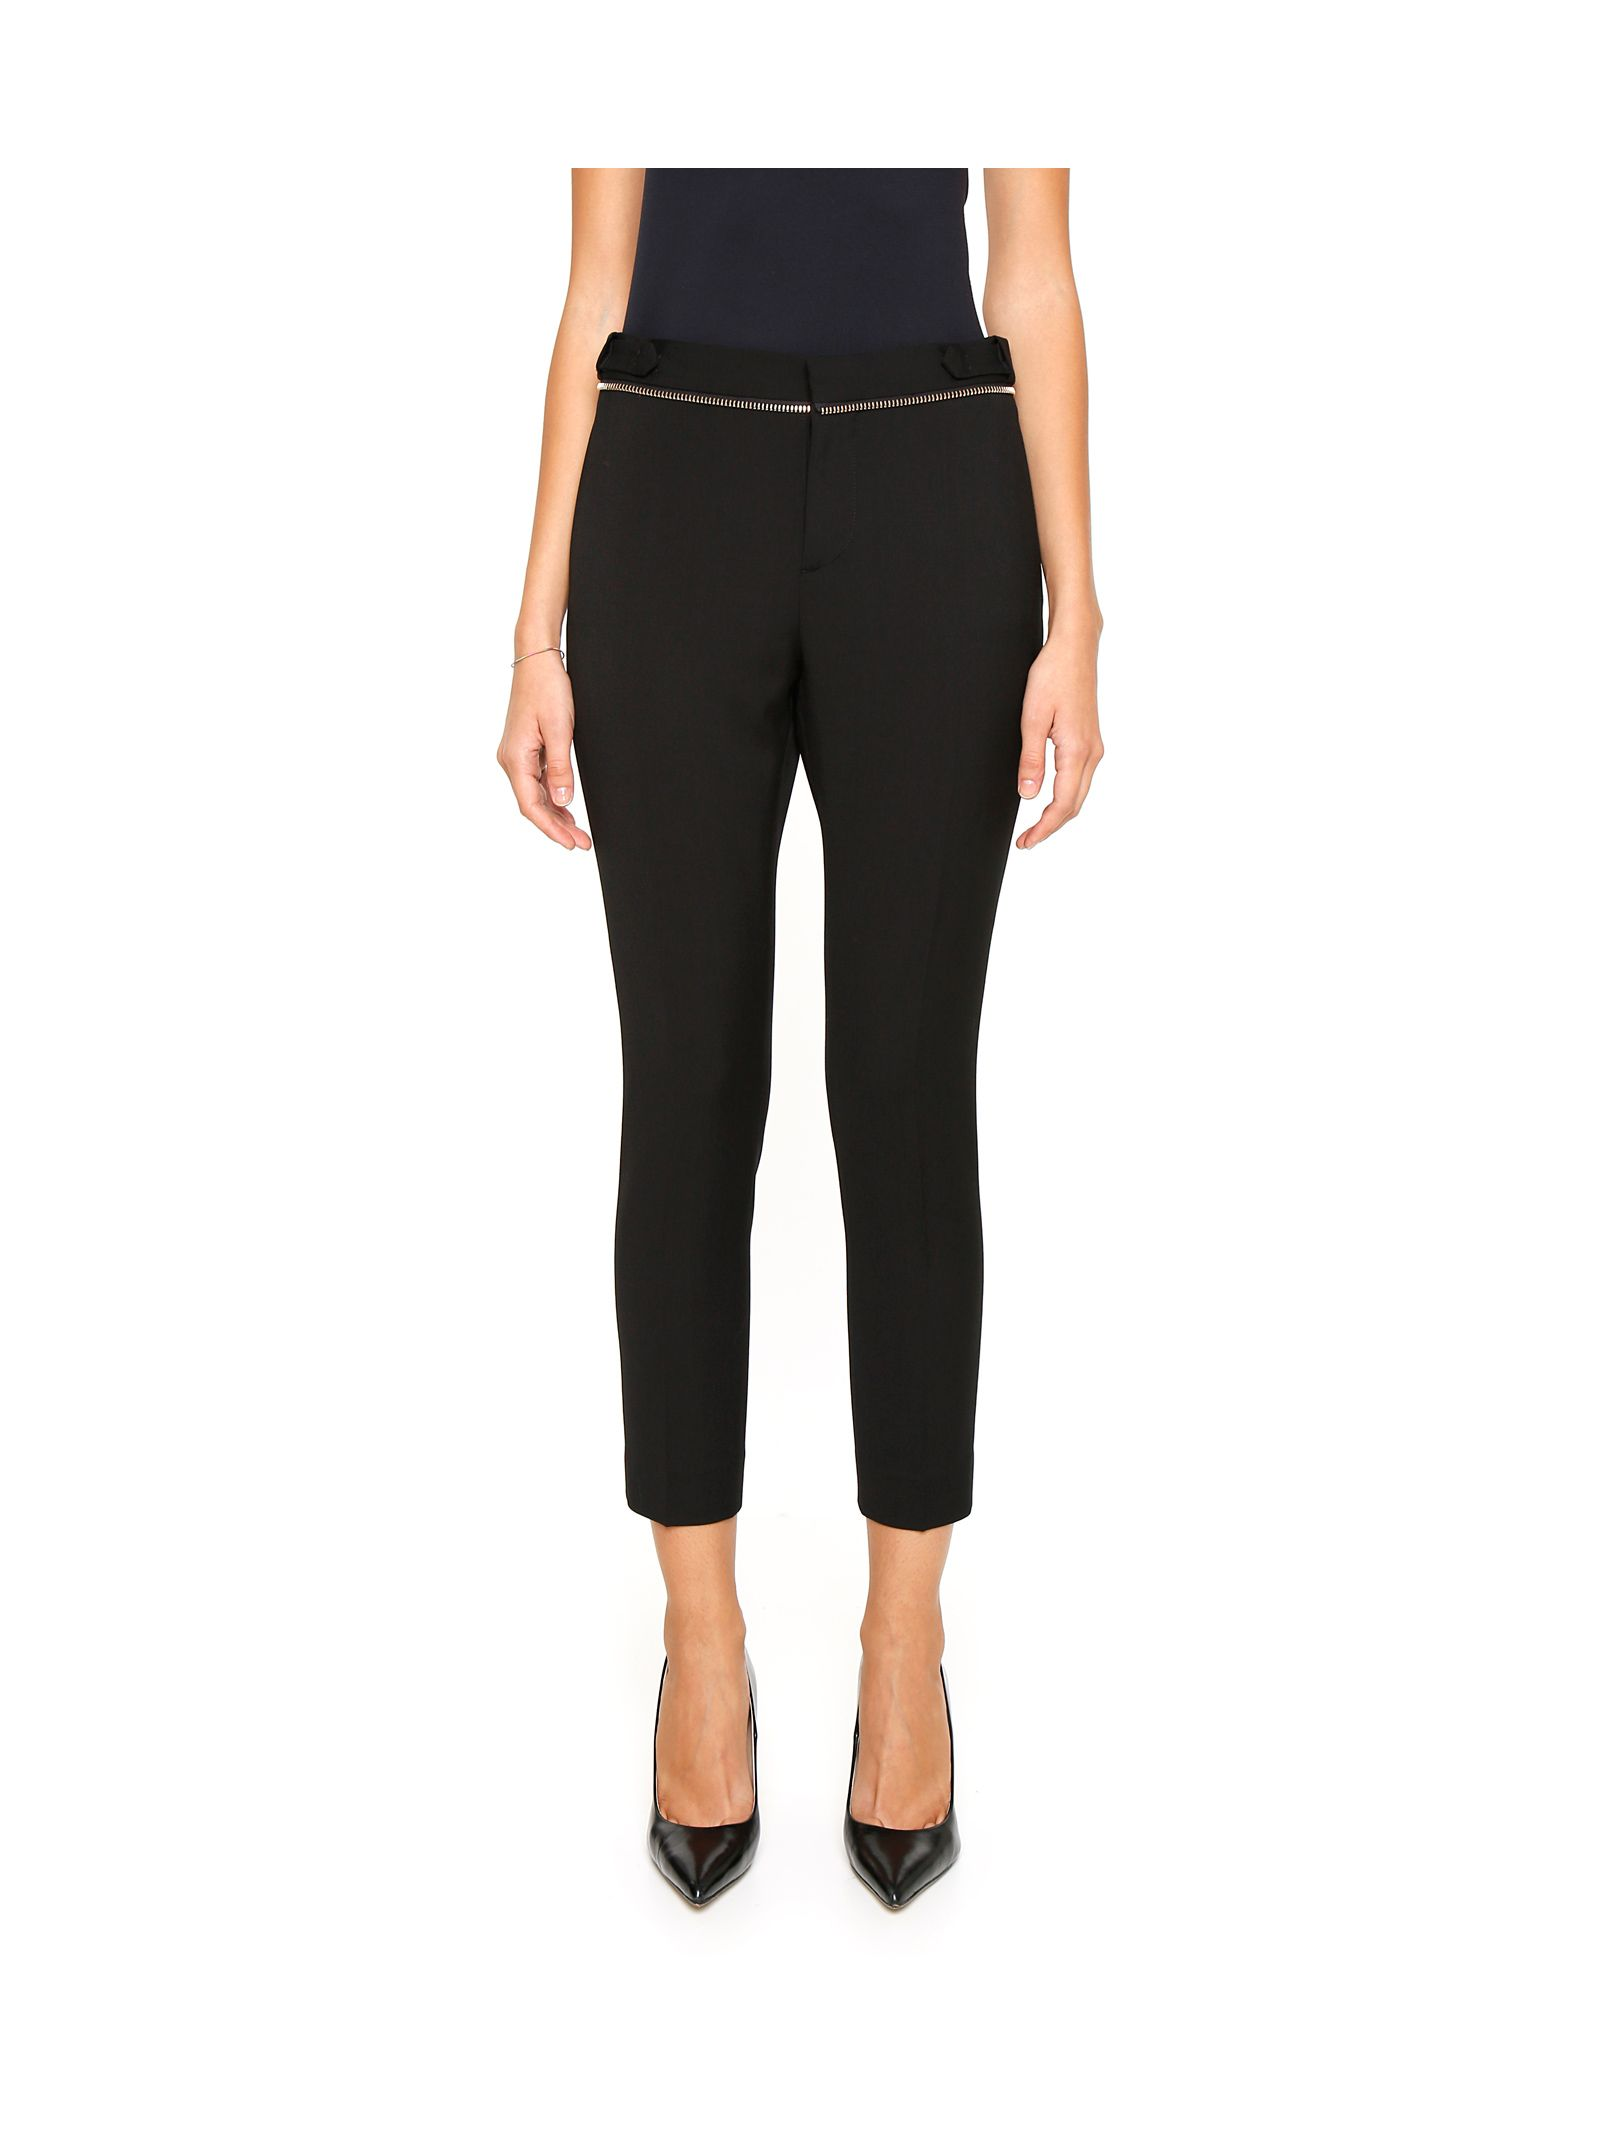 Pantaloni de damă DSQUARED2, fashion, cu bandă elastică și fermoar decorativ